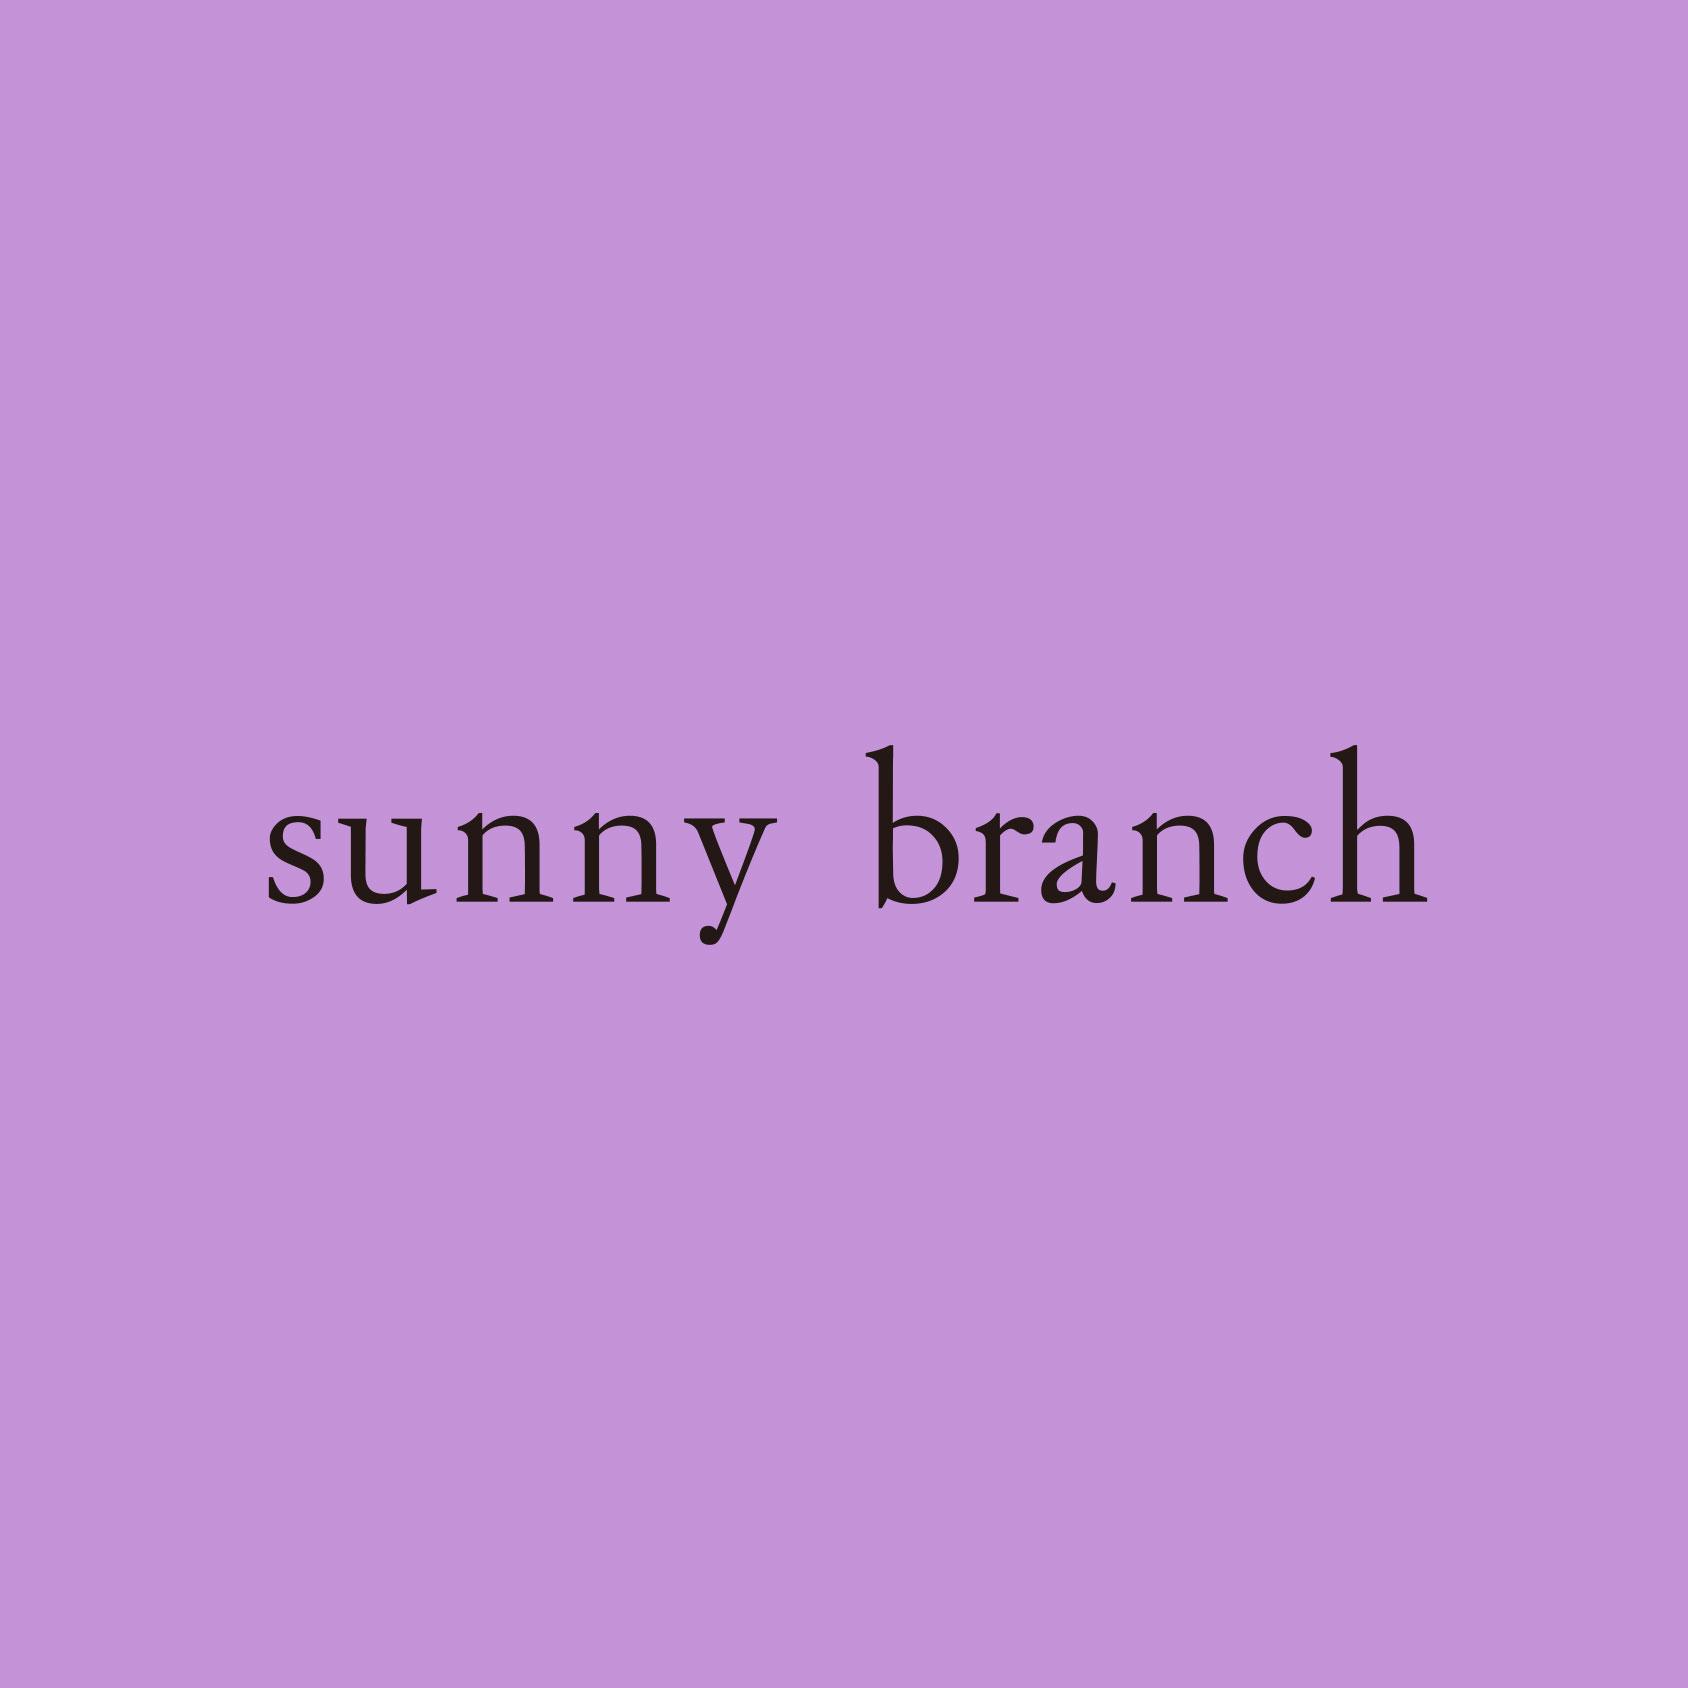 sunny branch